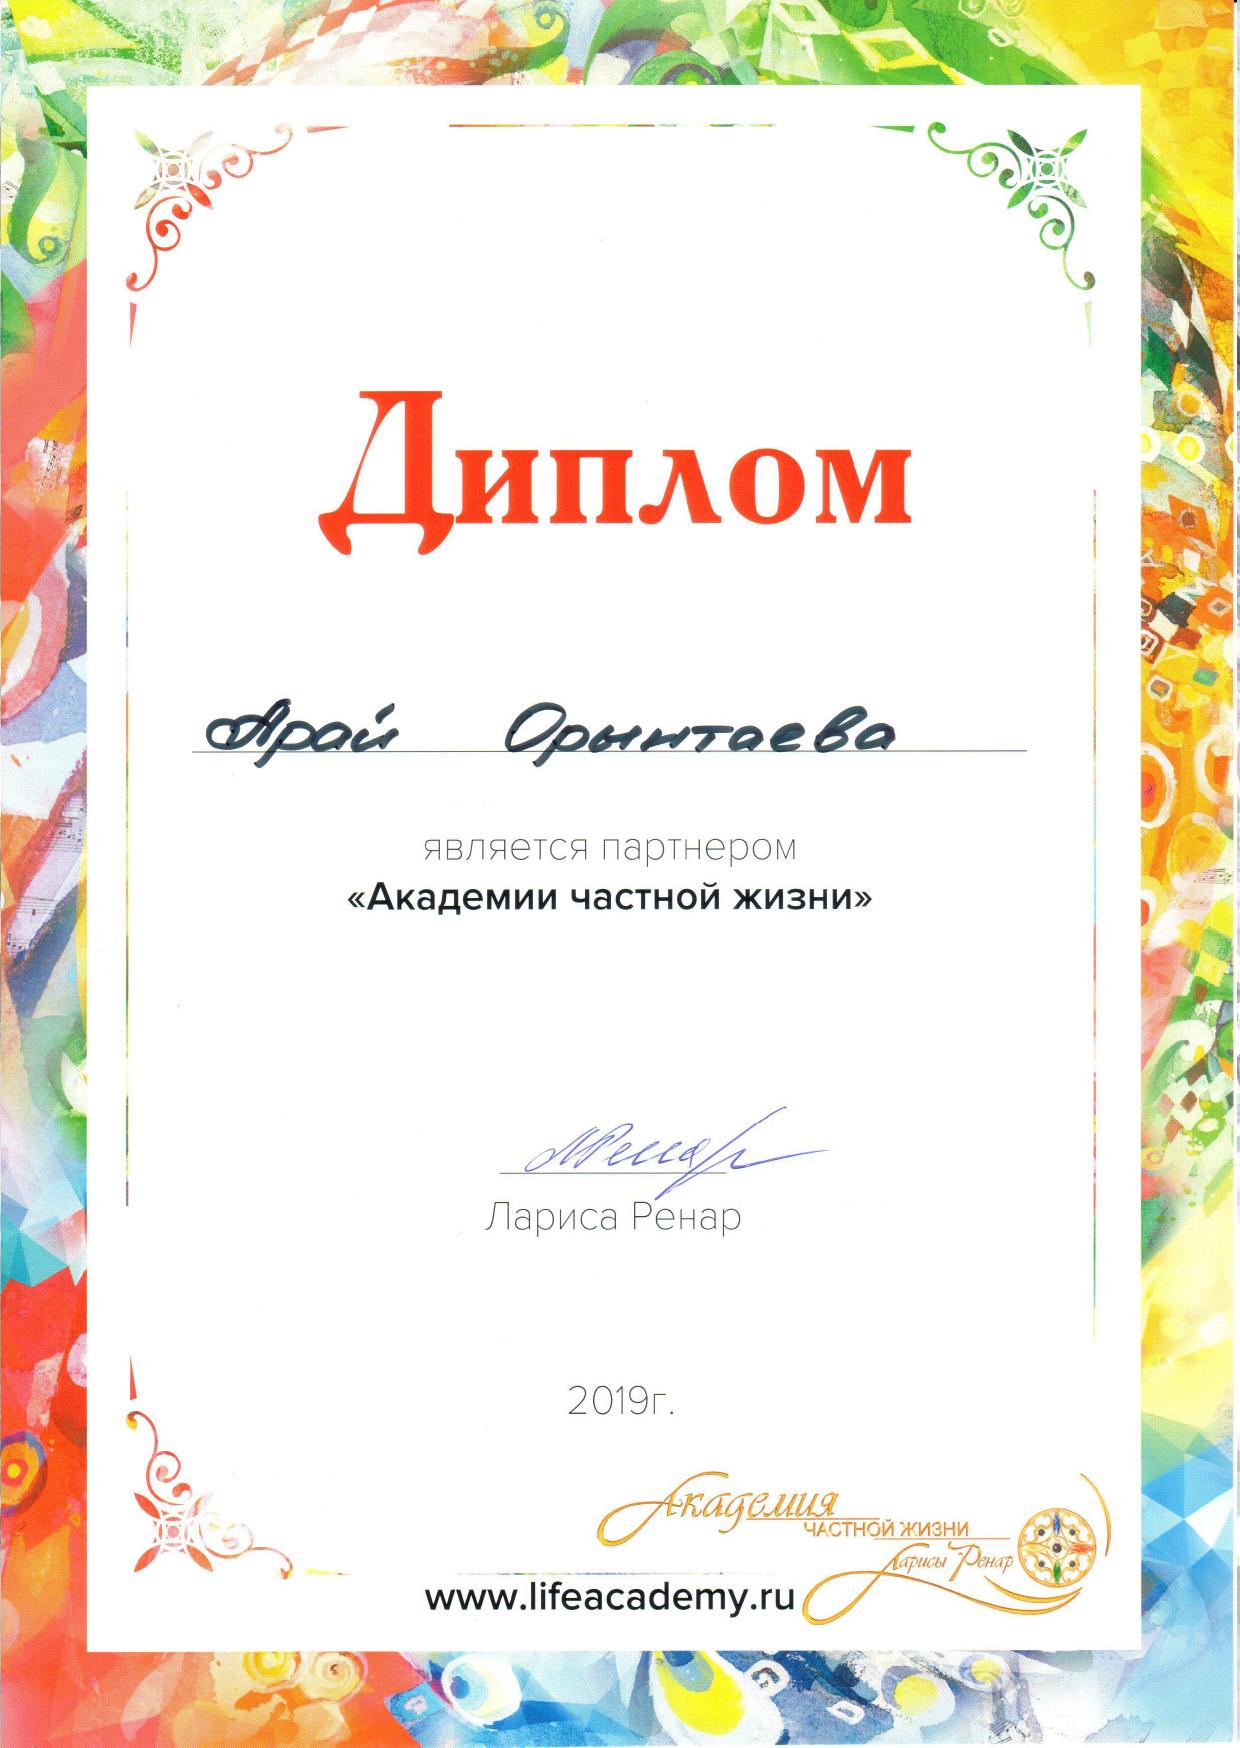 Арай Орынтаева